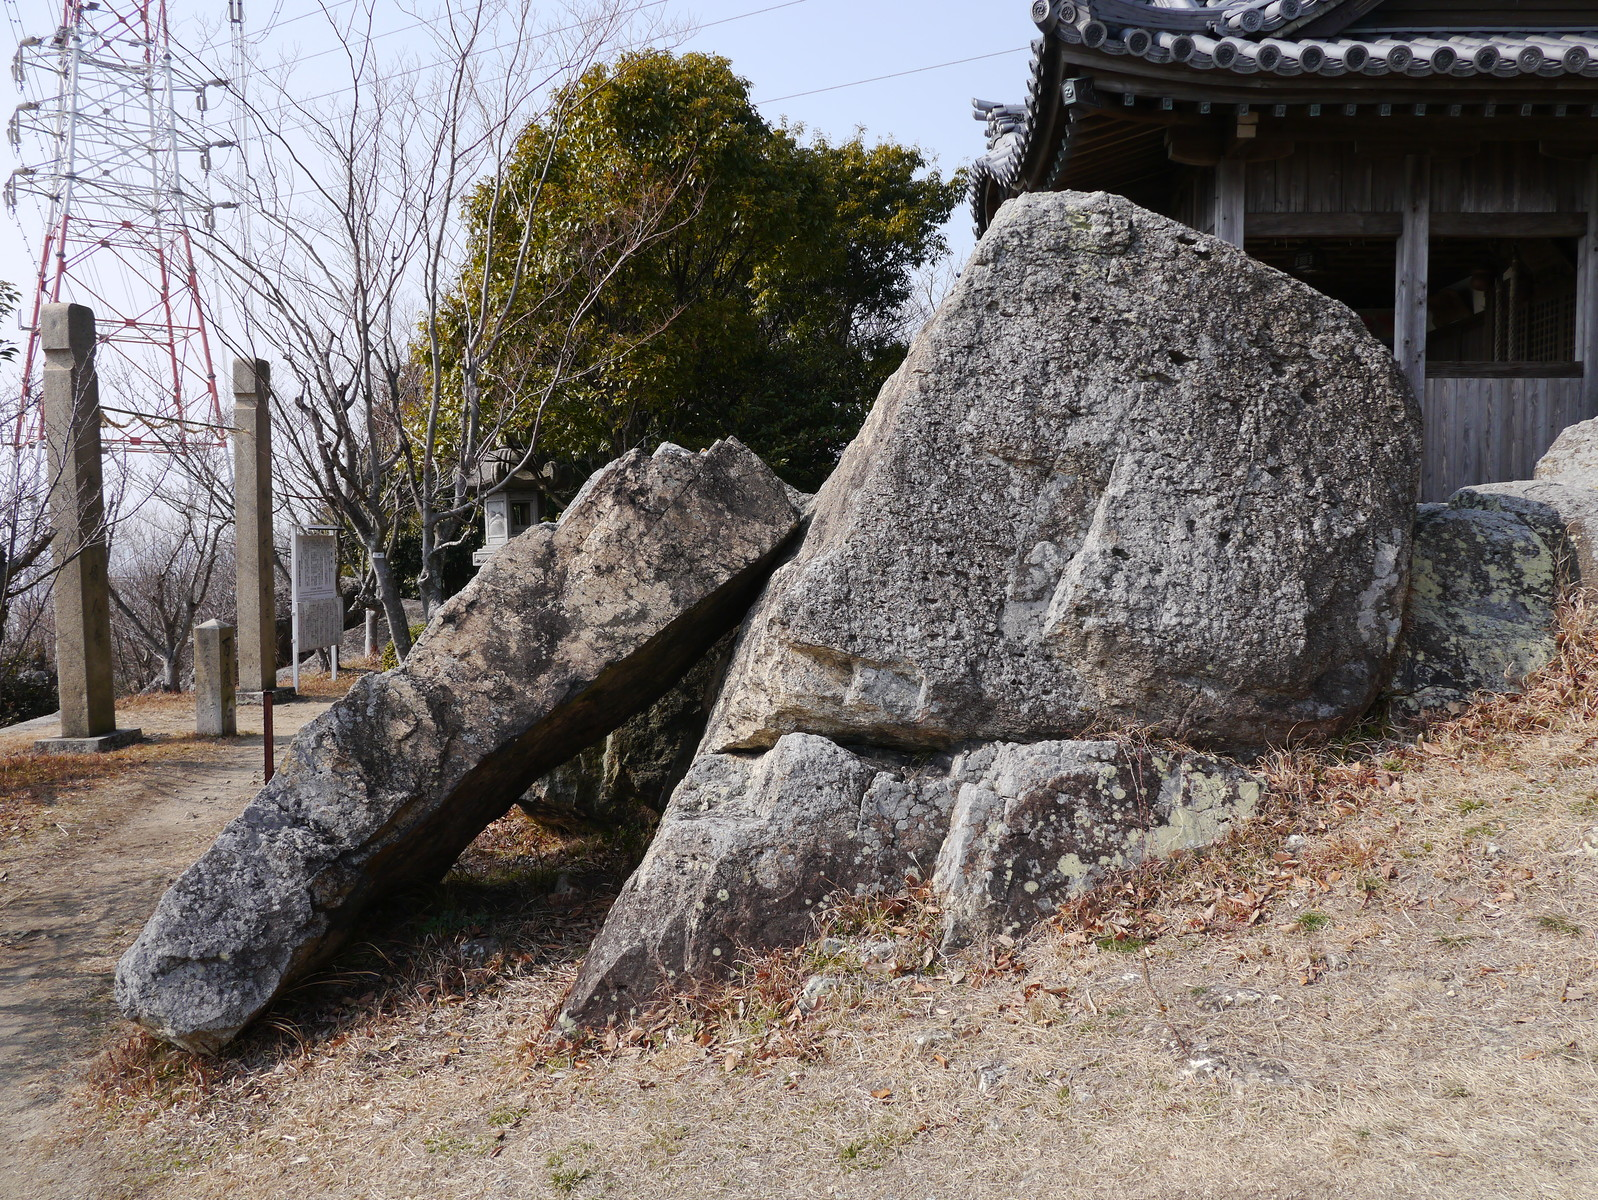 姫路の木庭神社の磐座-2 : 火(...